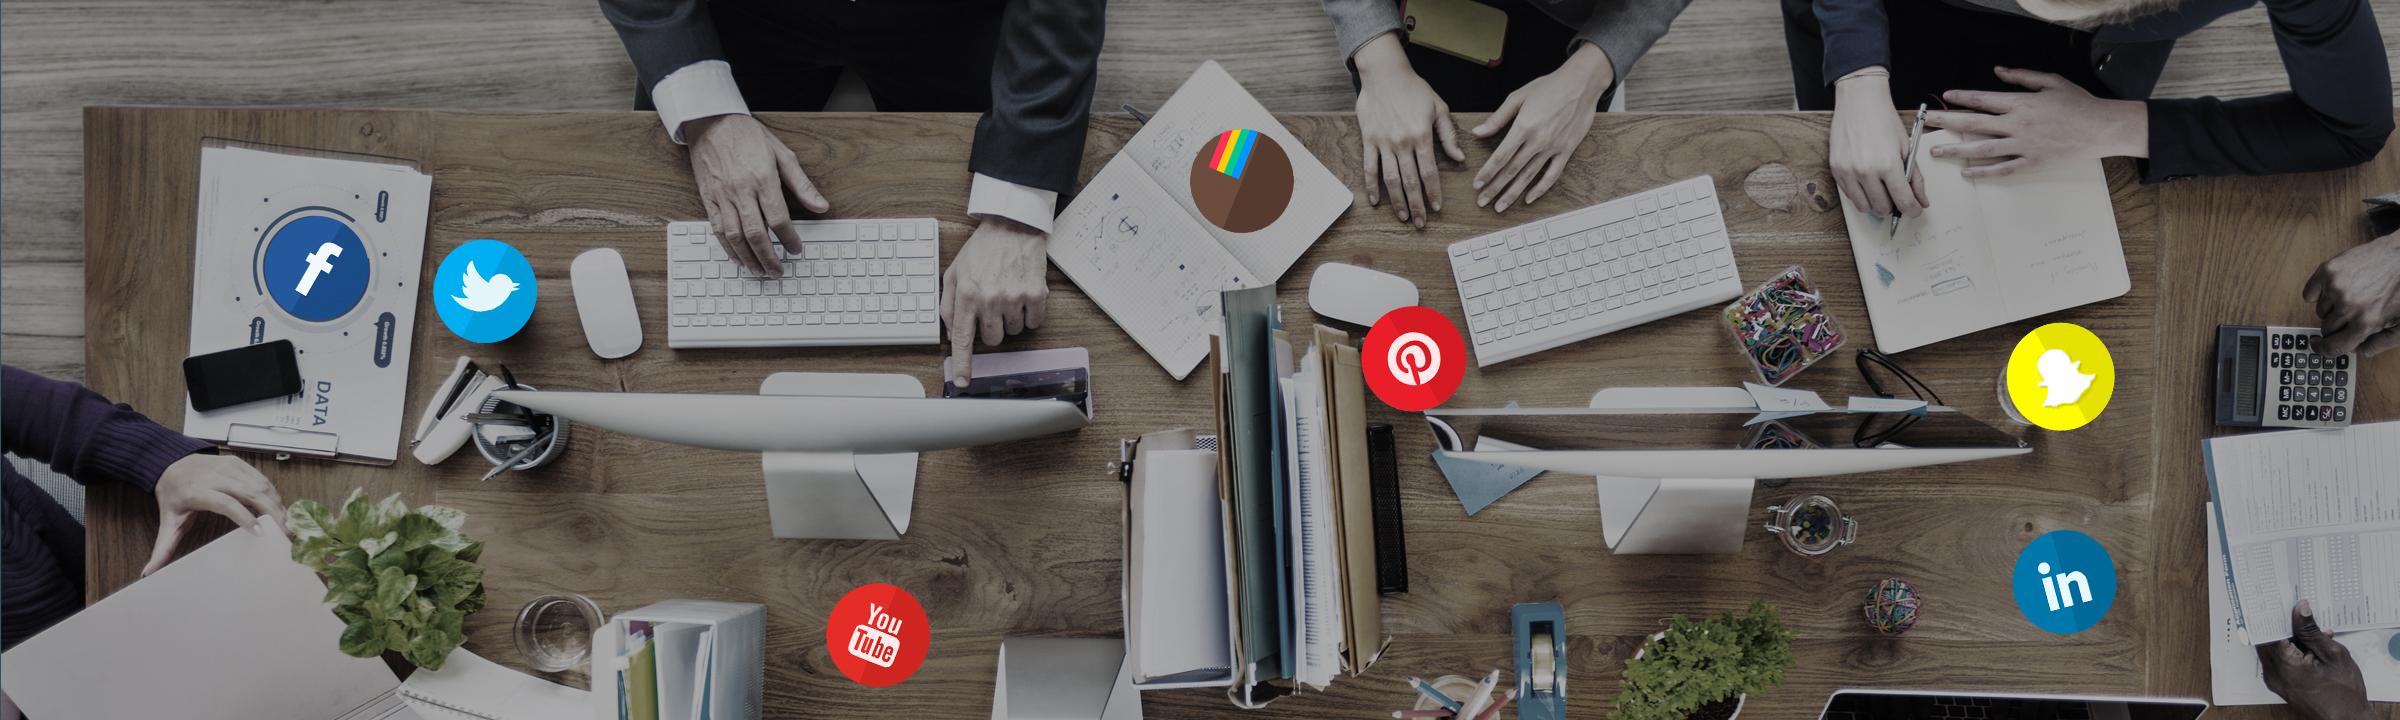 Social Media Marketing Stats for 2017